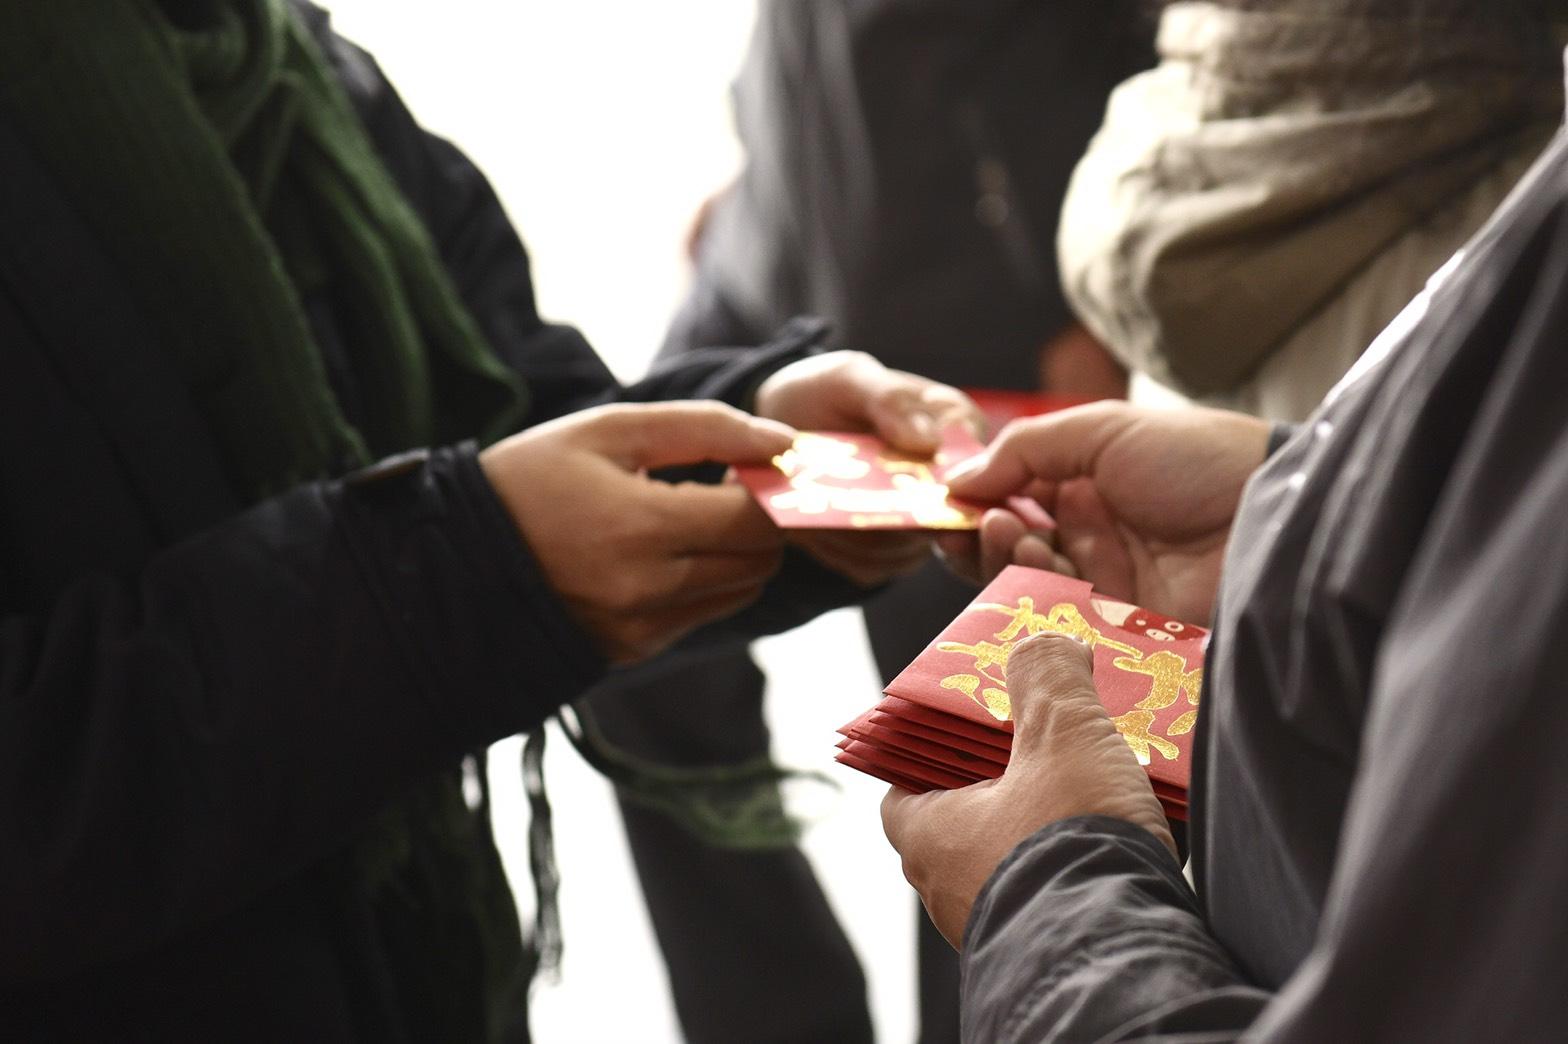 鄭市長於宋天宮發送新春福袋